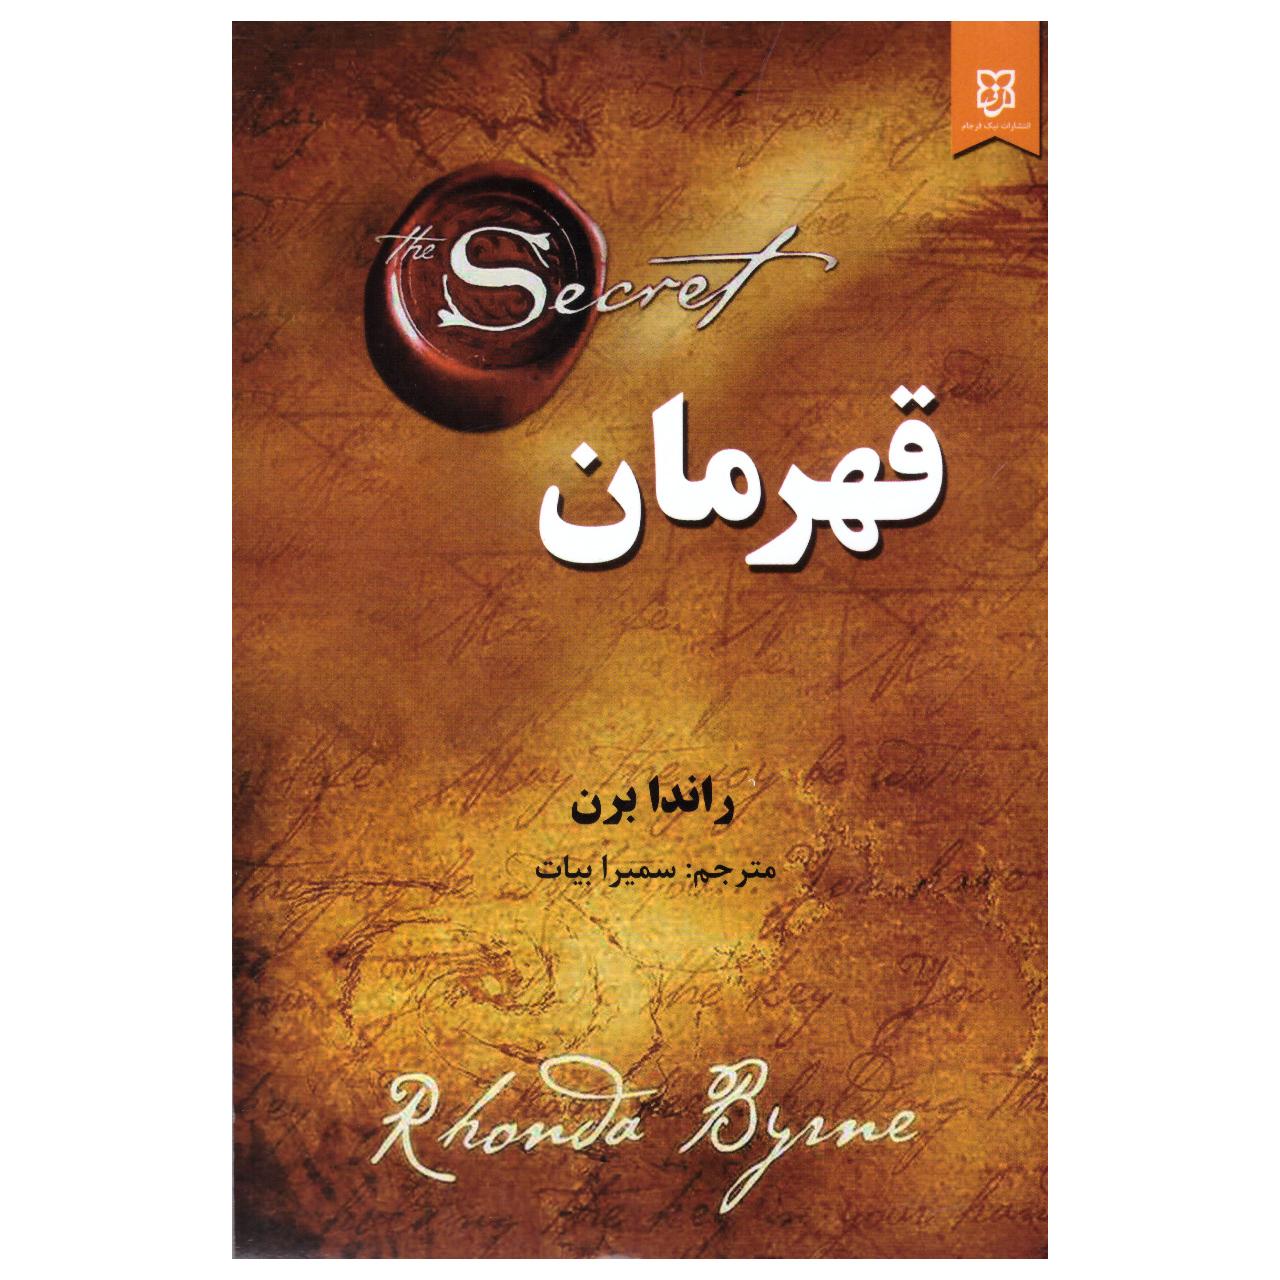 خرید                      کتاب قهرمان اثر راندا برن انتشارات نیک فرجام